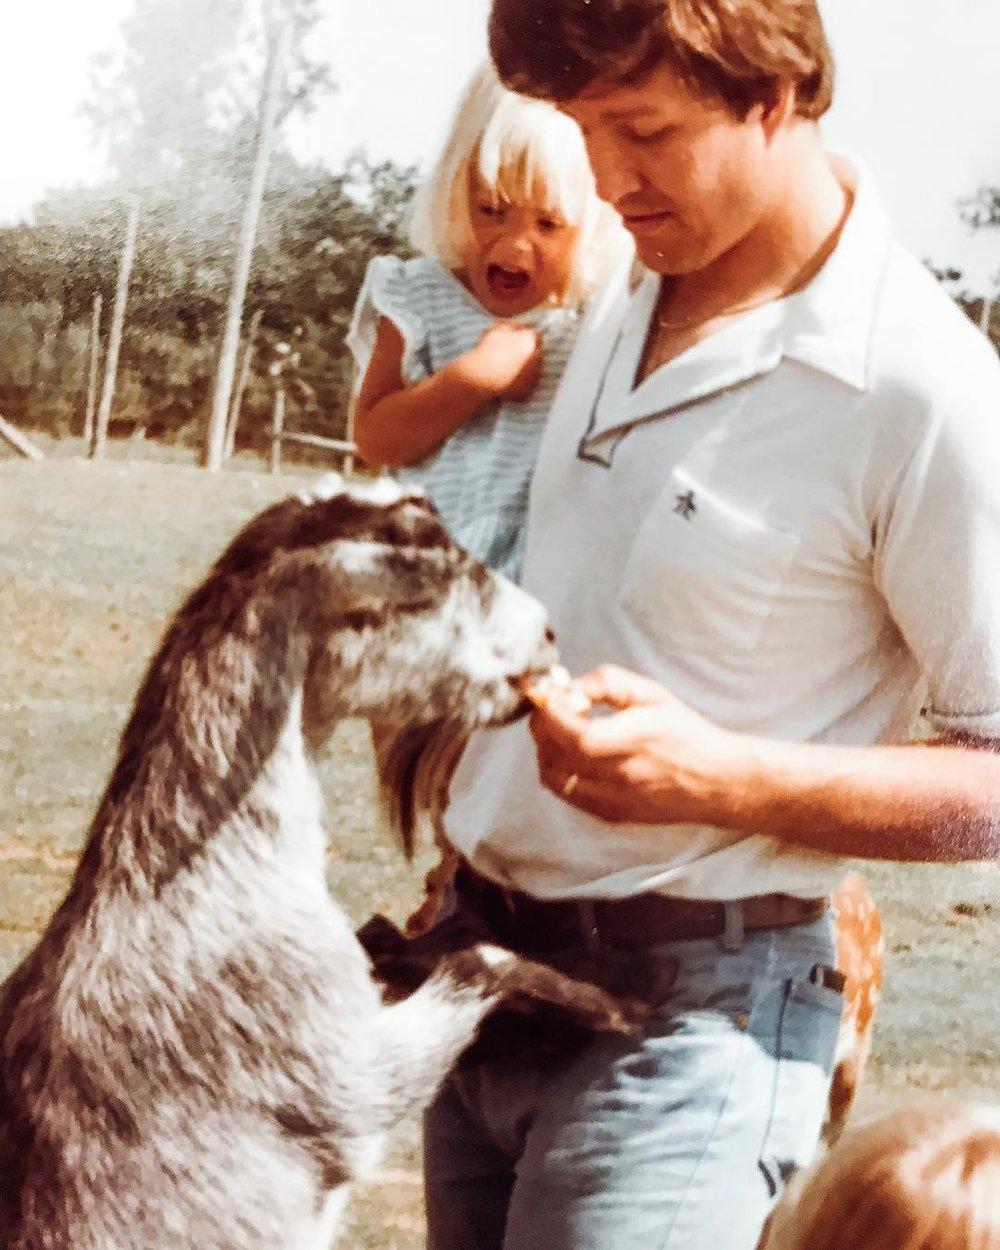 Dad-zoo-goats.jpg